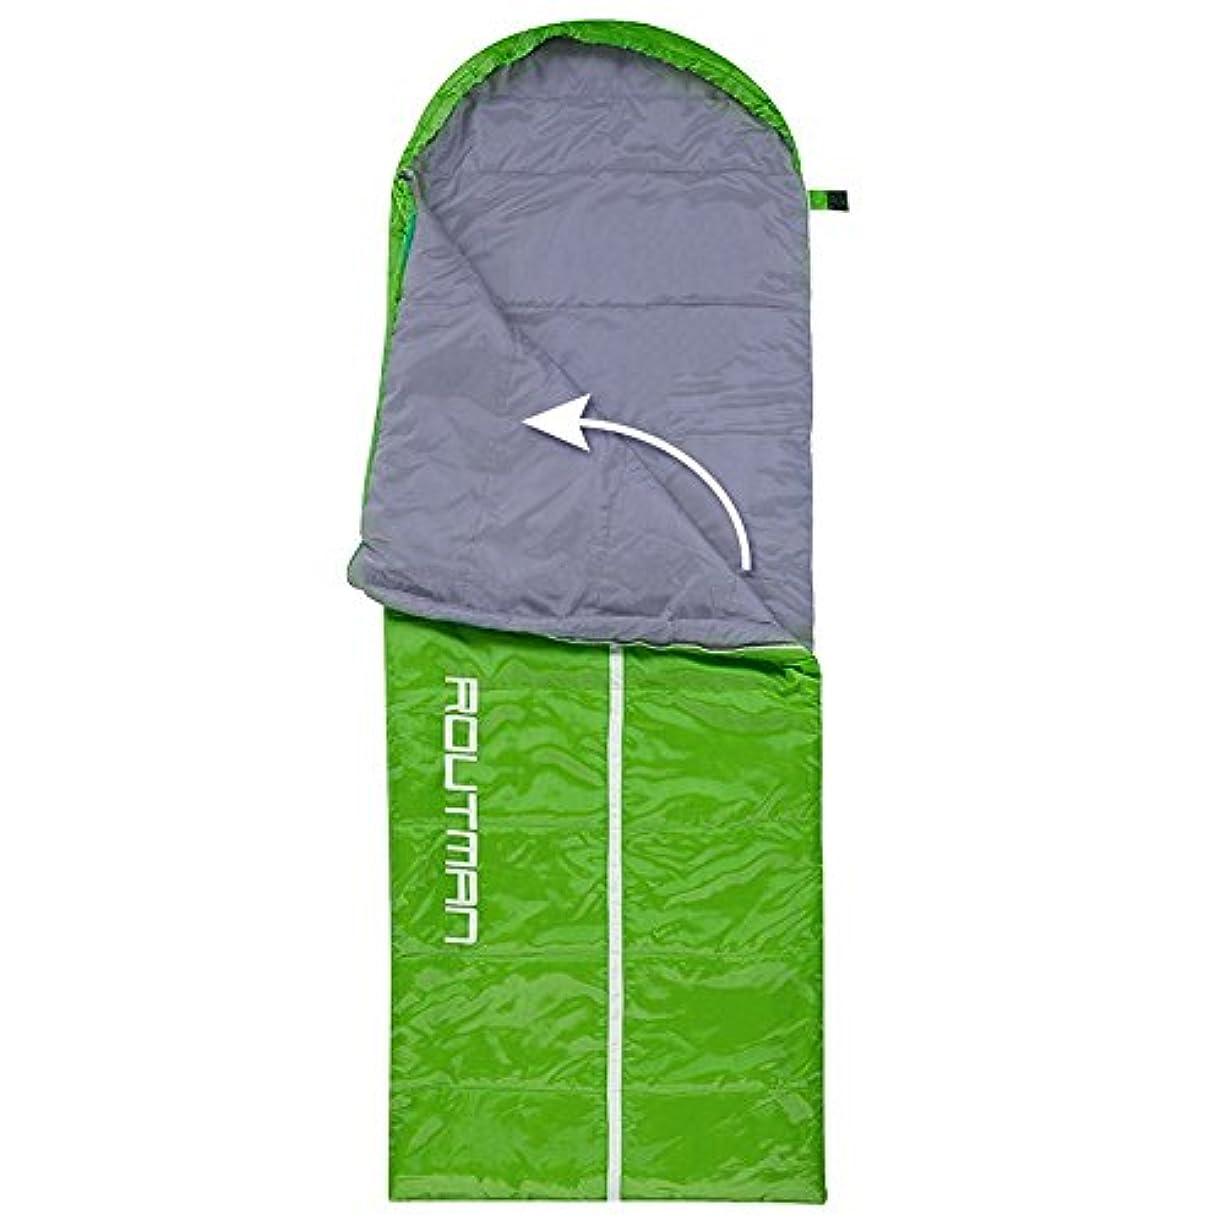 飲み込む珍しい振りかける寝袋 アウトドア キャンプ 春 夏 厚手 保温 コットン 超軽量 ポータブル 大人用 ダブル ラバー